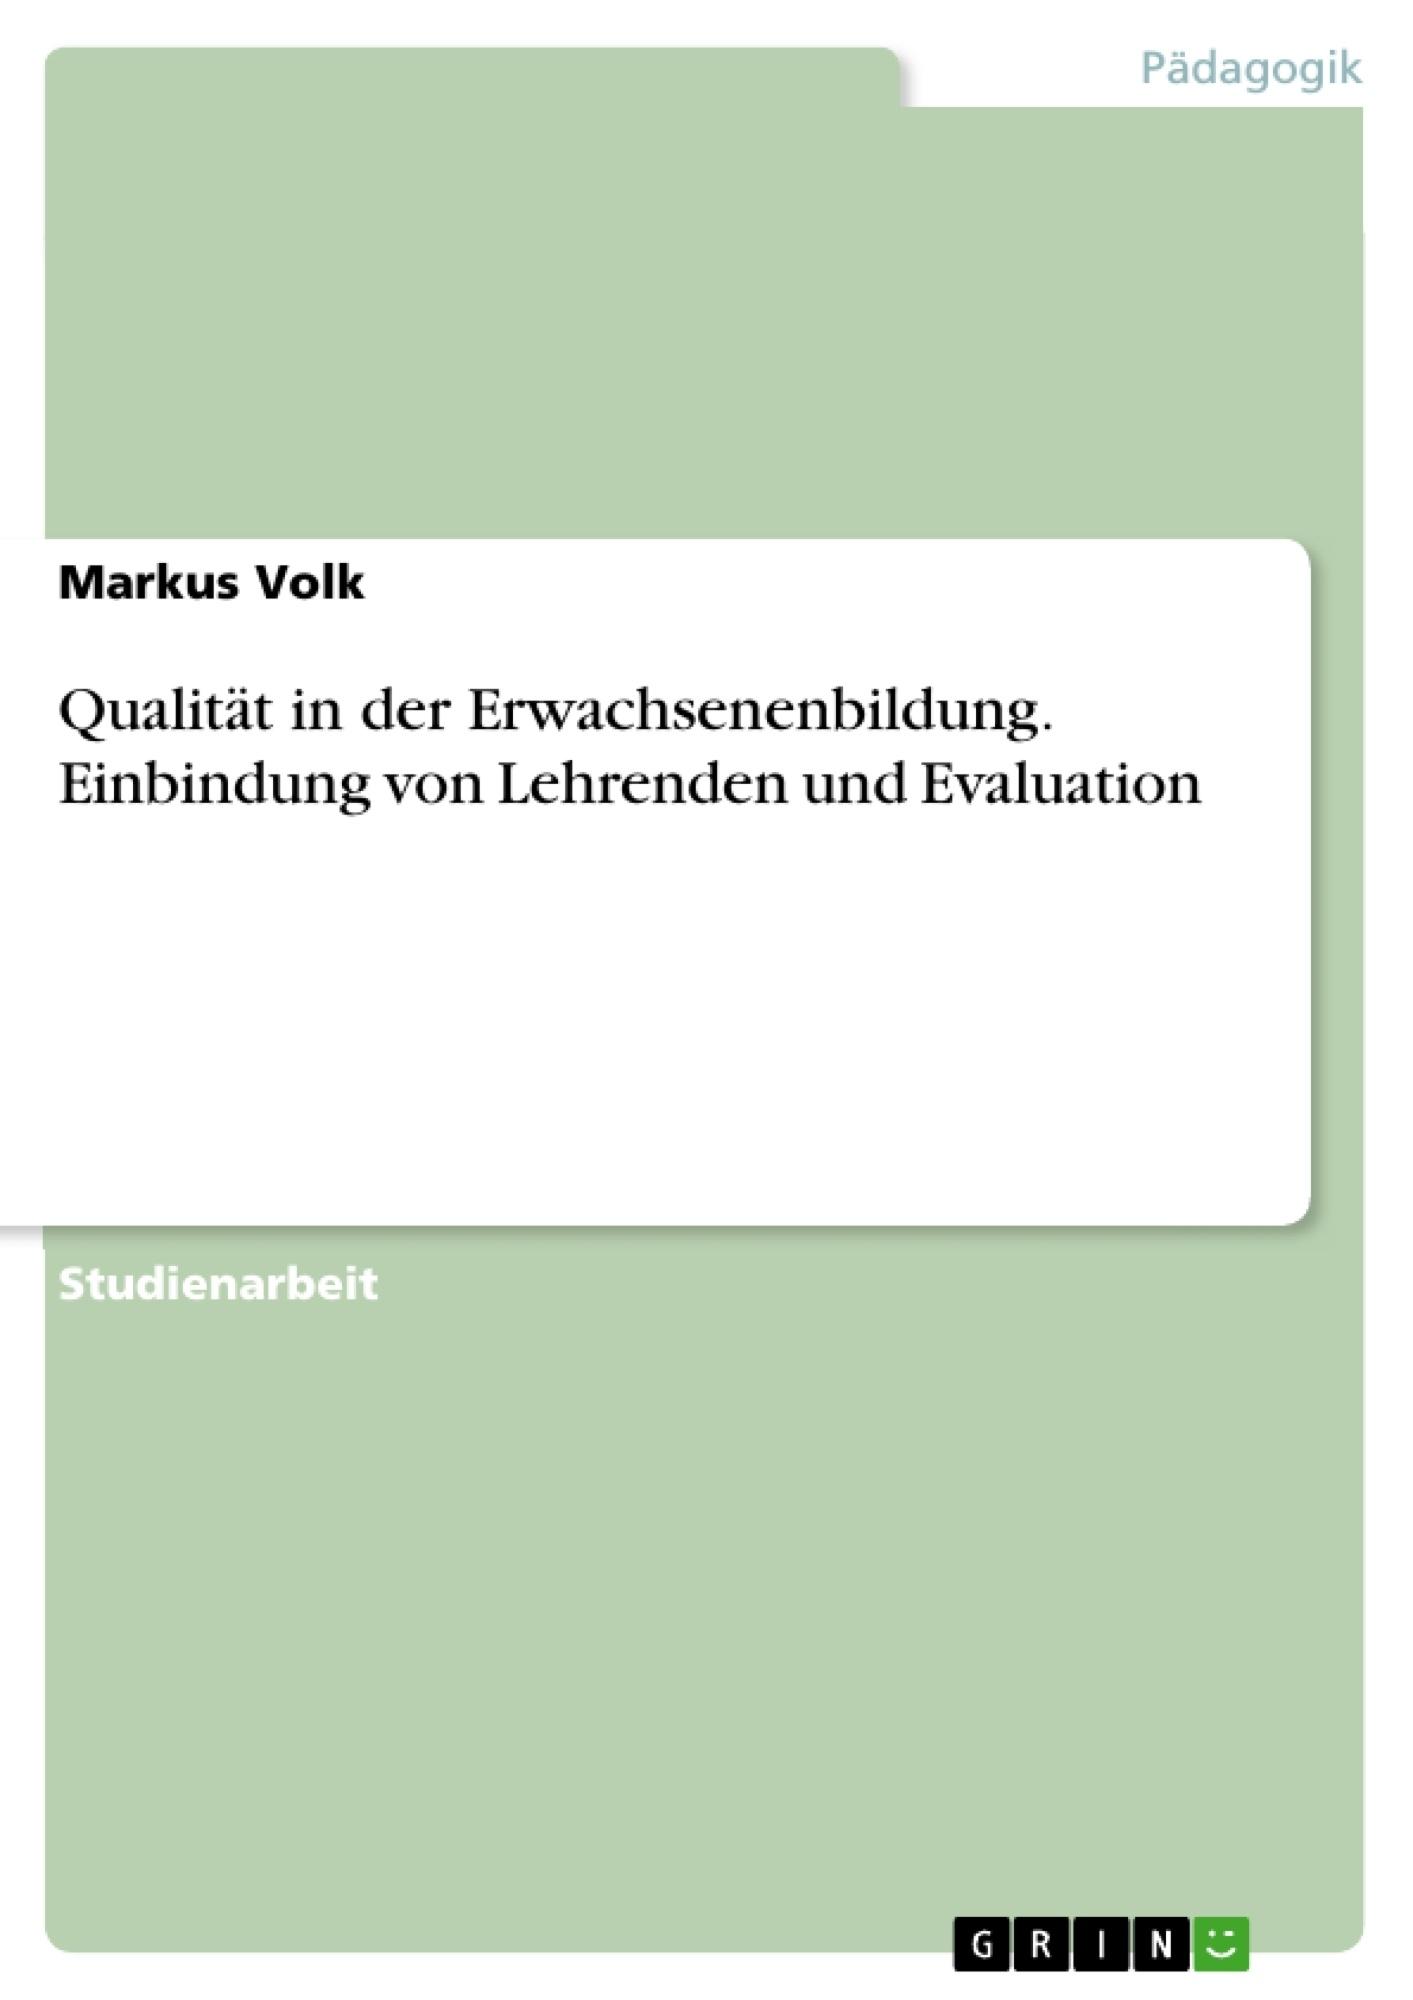 Titel: Qualität in der Erwachsenenbildung. Einbindung von Lehrenden und Evaluation